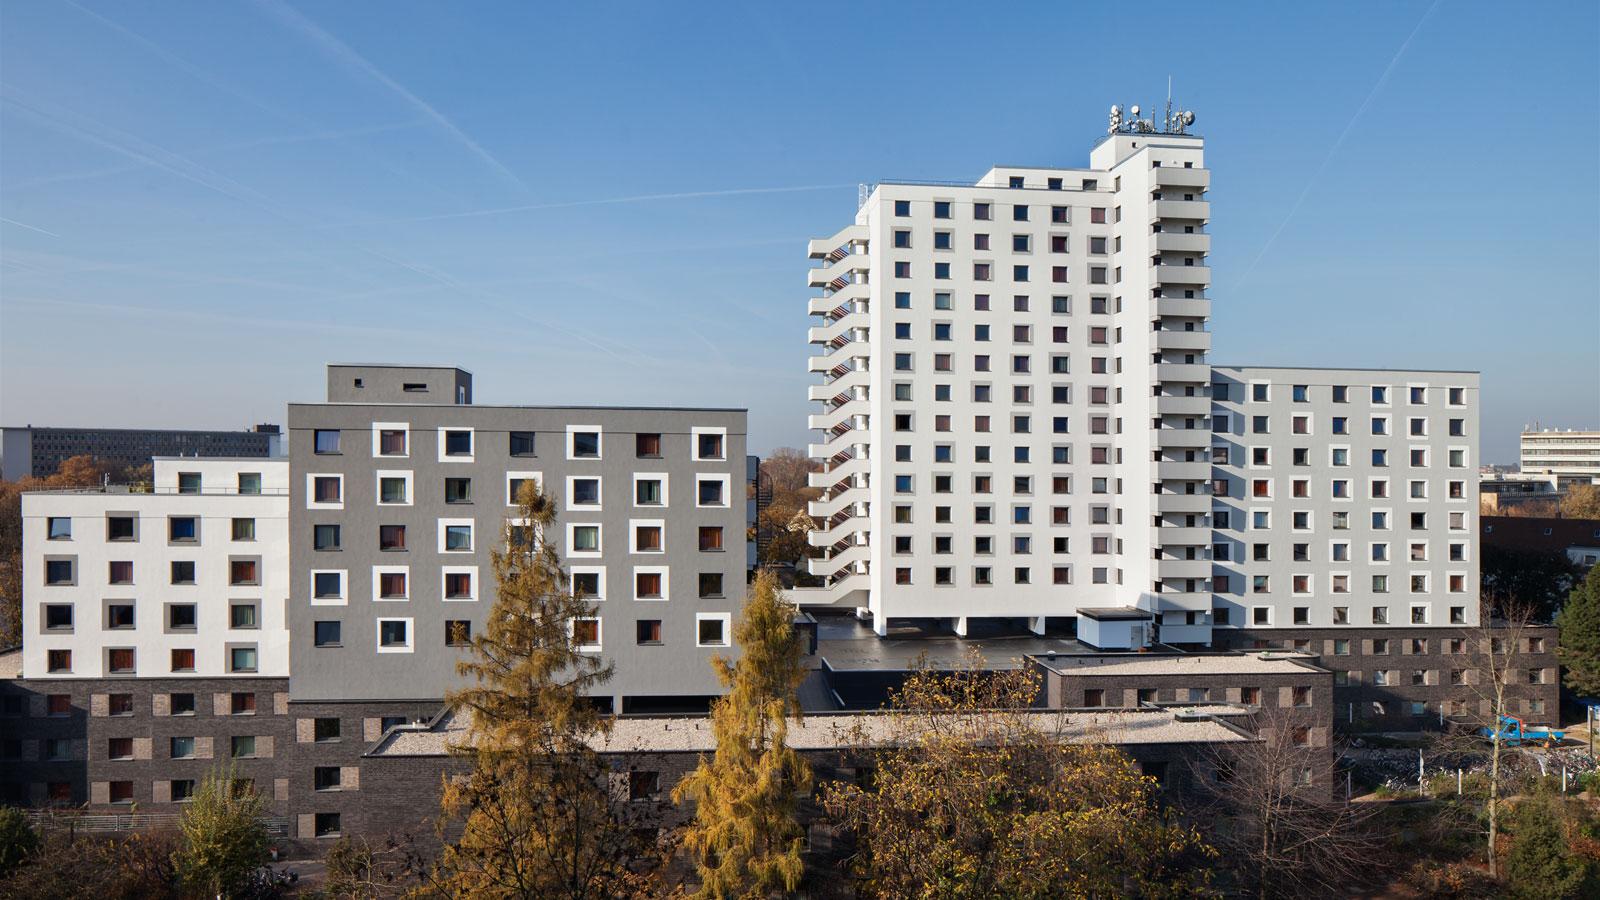 Studierendenwohnheim Römerlager - Schadstoffsanierung, energetische Sanierung, WDVS, Klinkerfassade - Koenigs Rütter Architekten Bonn